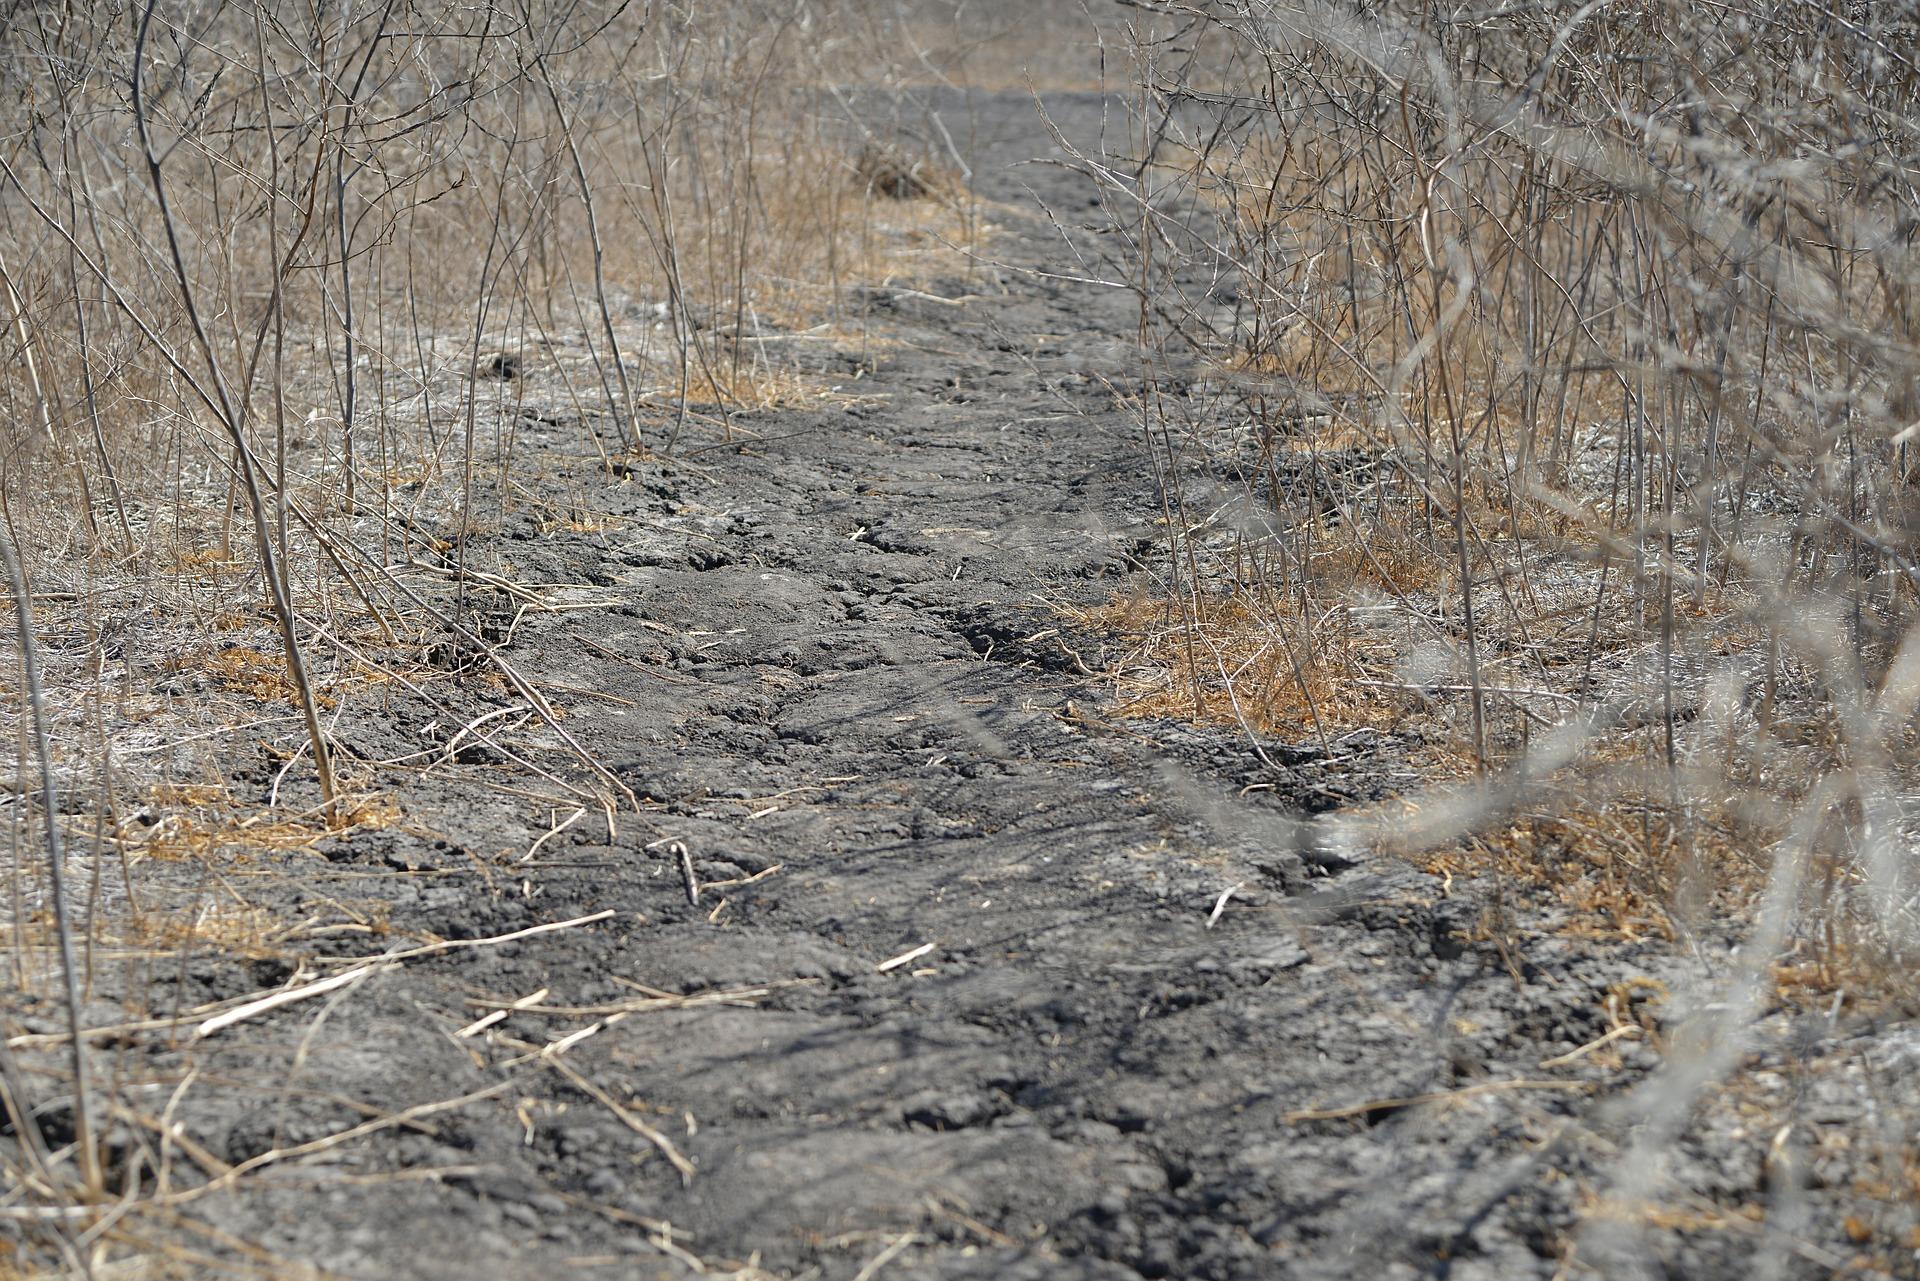 Wo alle Wasservorräte in die Landwirtschaft fließen, werden Dürren zu Katastrophen.